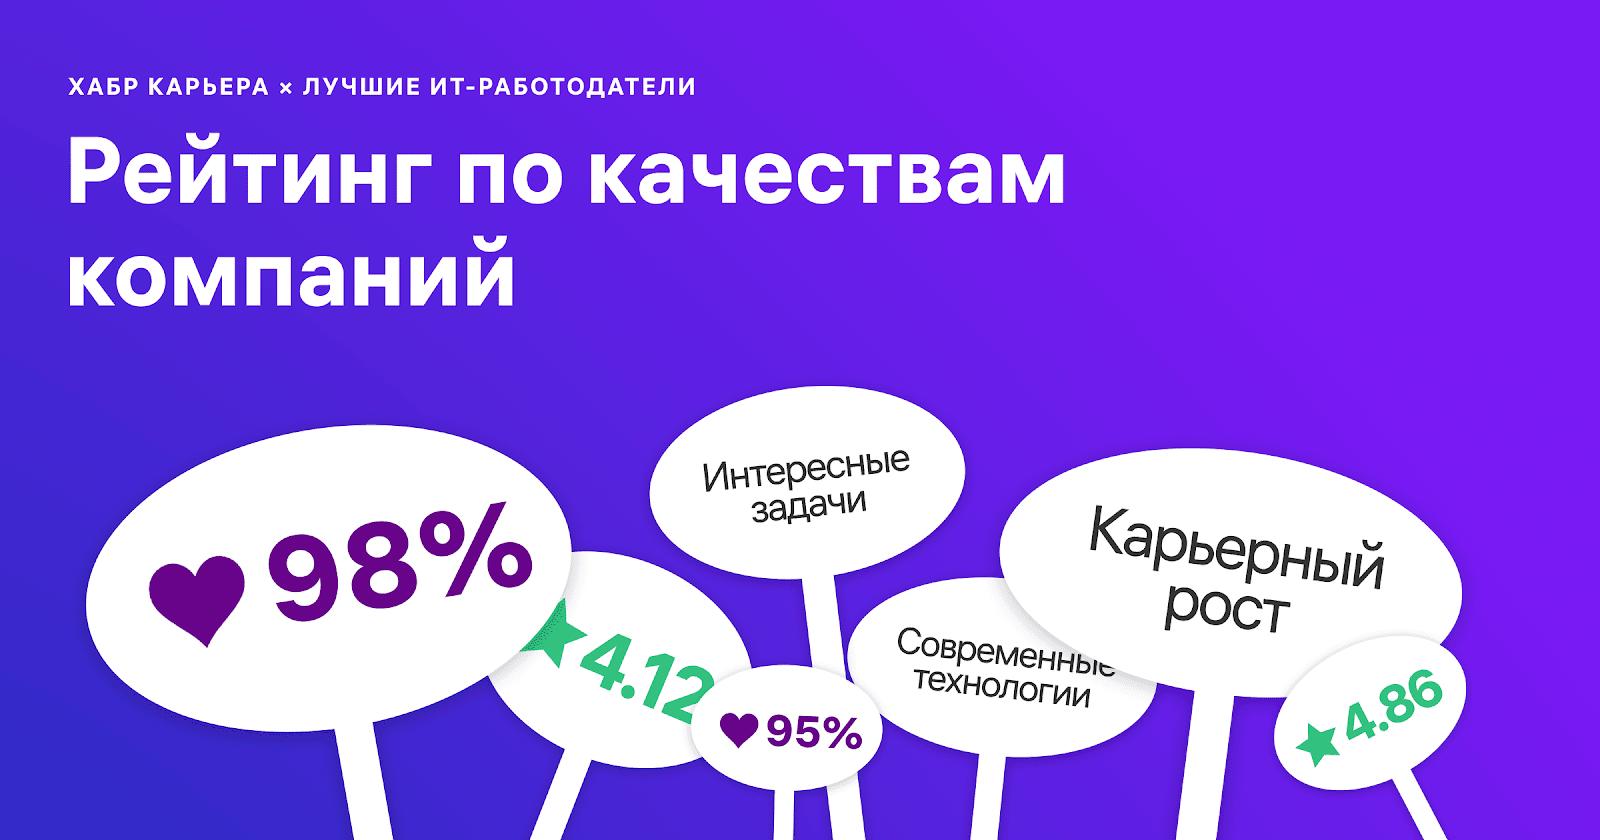 Лучшие ИТ-работодатели России 2019: рейтинг по качествам компаний - 1